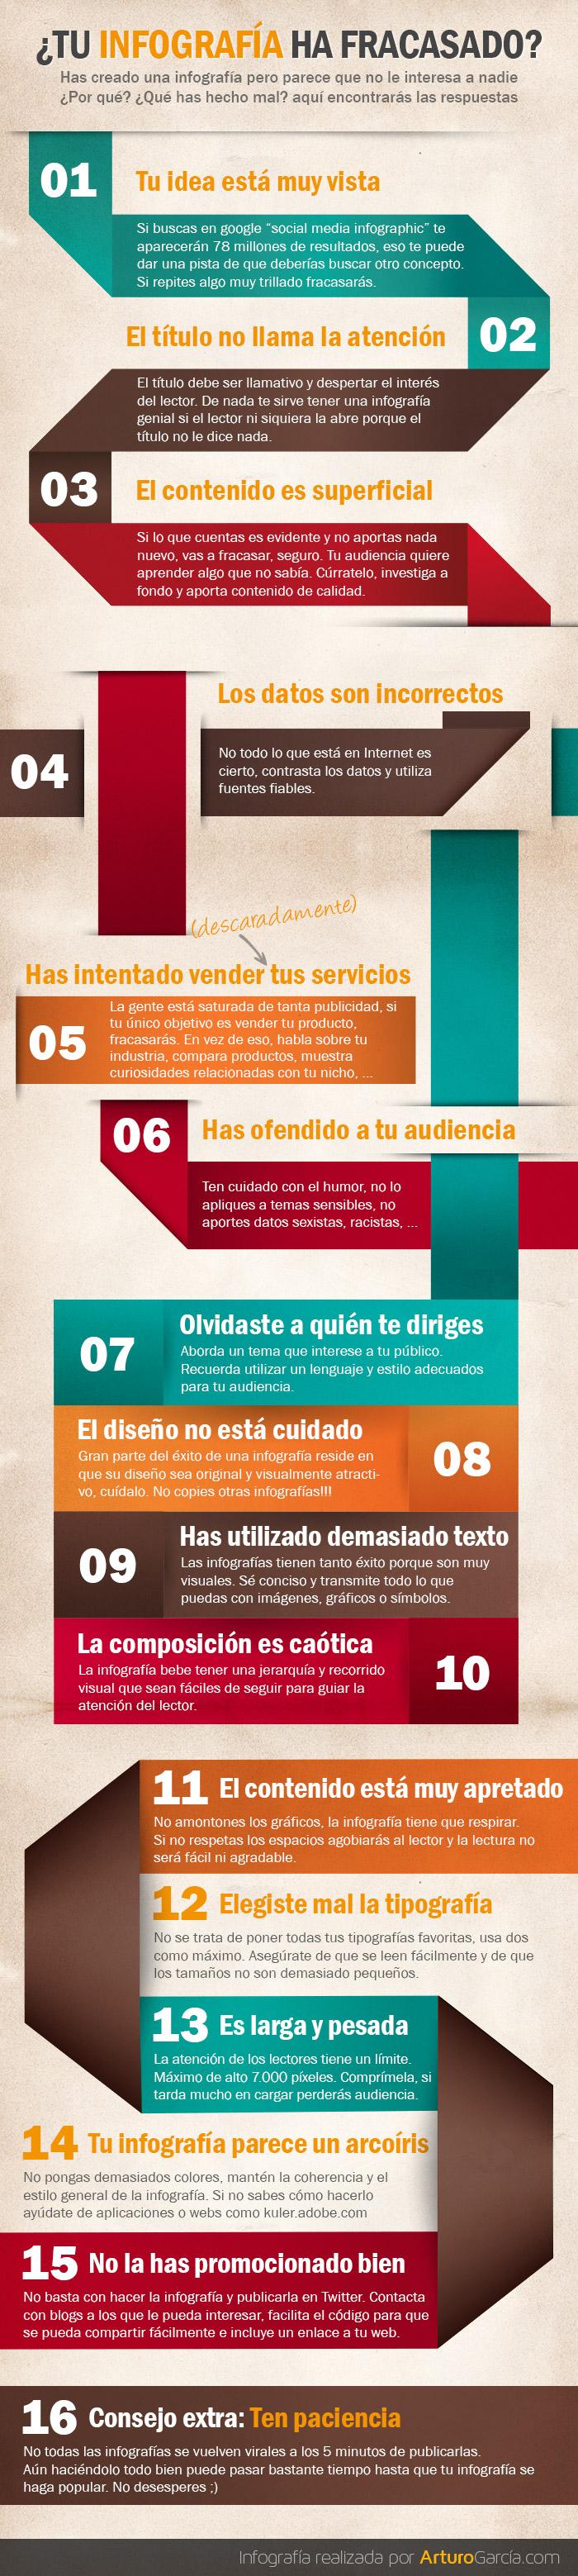 15 errores a evitar en una infografia